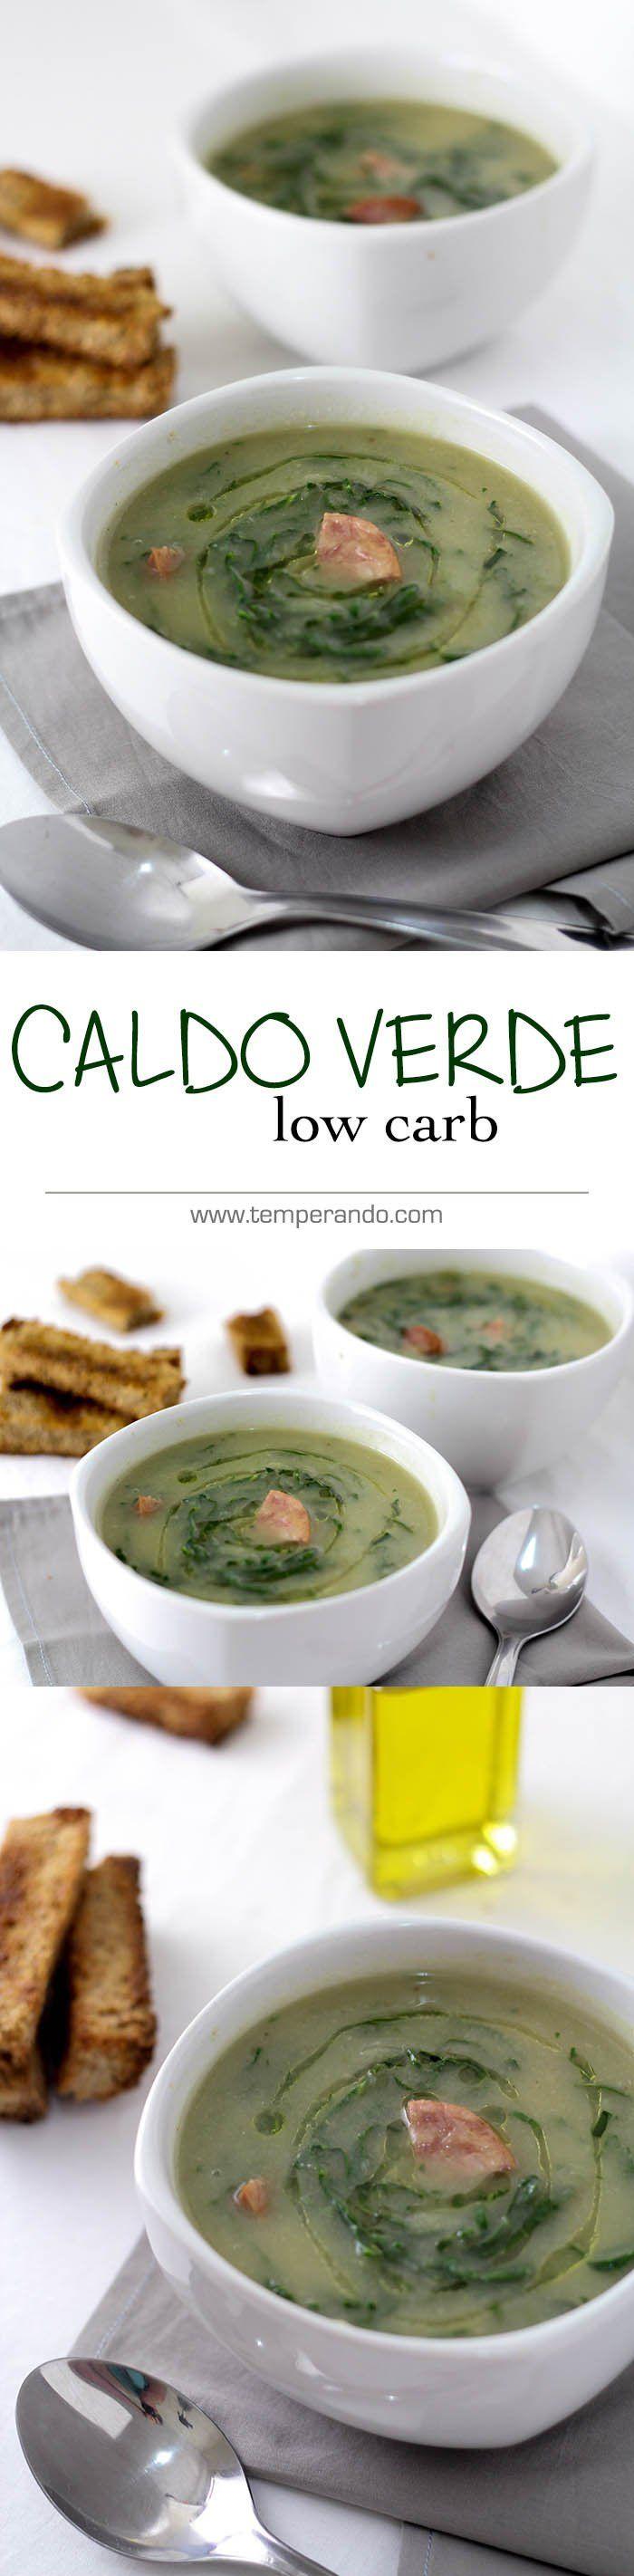 CALDO VERDE - Receita deliciosa de caldo verde adaptada para a versão low carb (baixa em carboidrato), mas igualmente deliciosa e muito mais saudável e nutritiva |temperando.com #caldoverde #sopas #receita #lowcarb #receitasaudavel